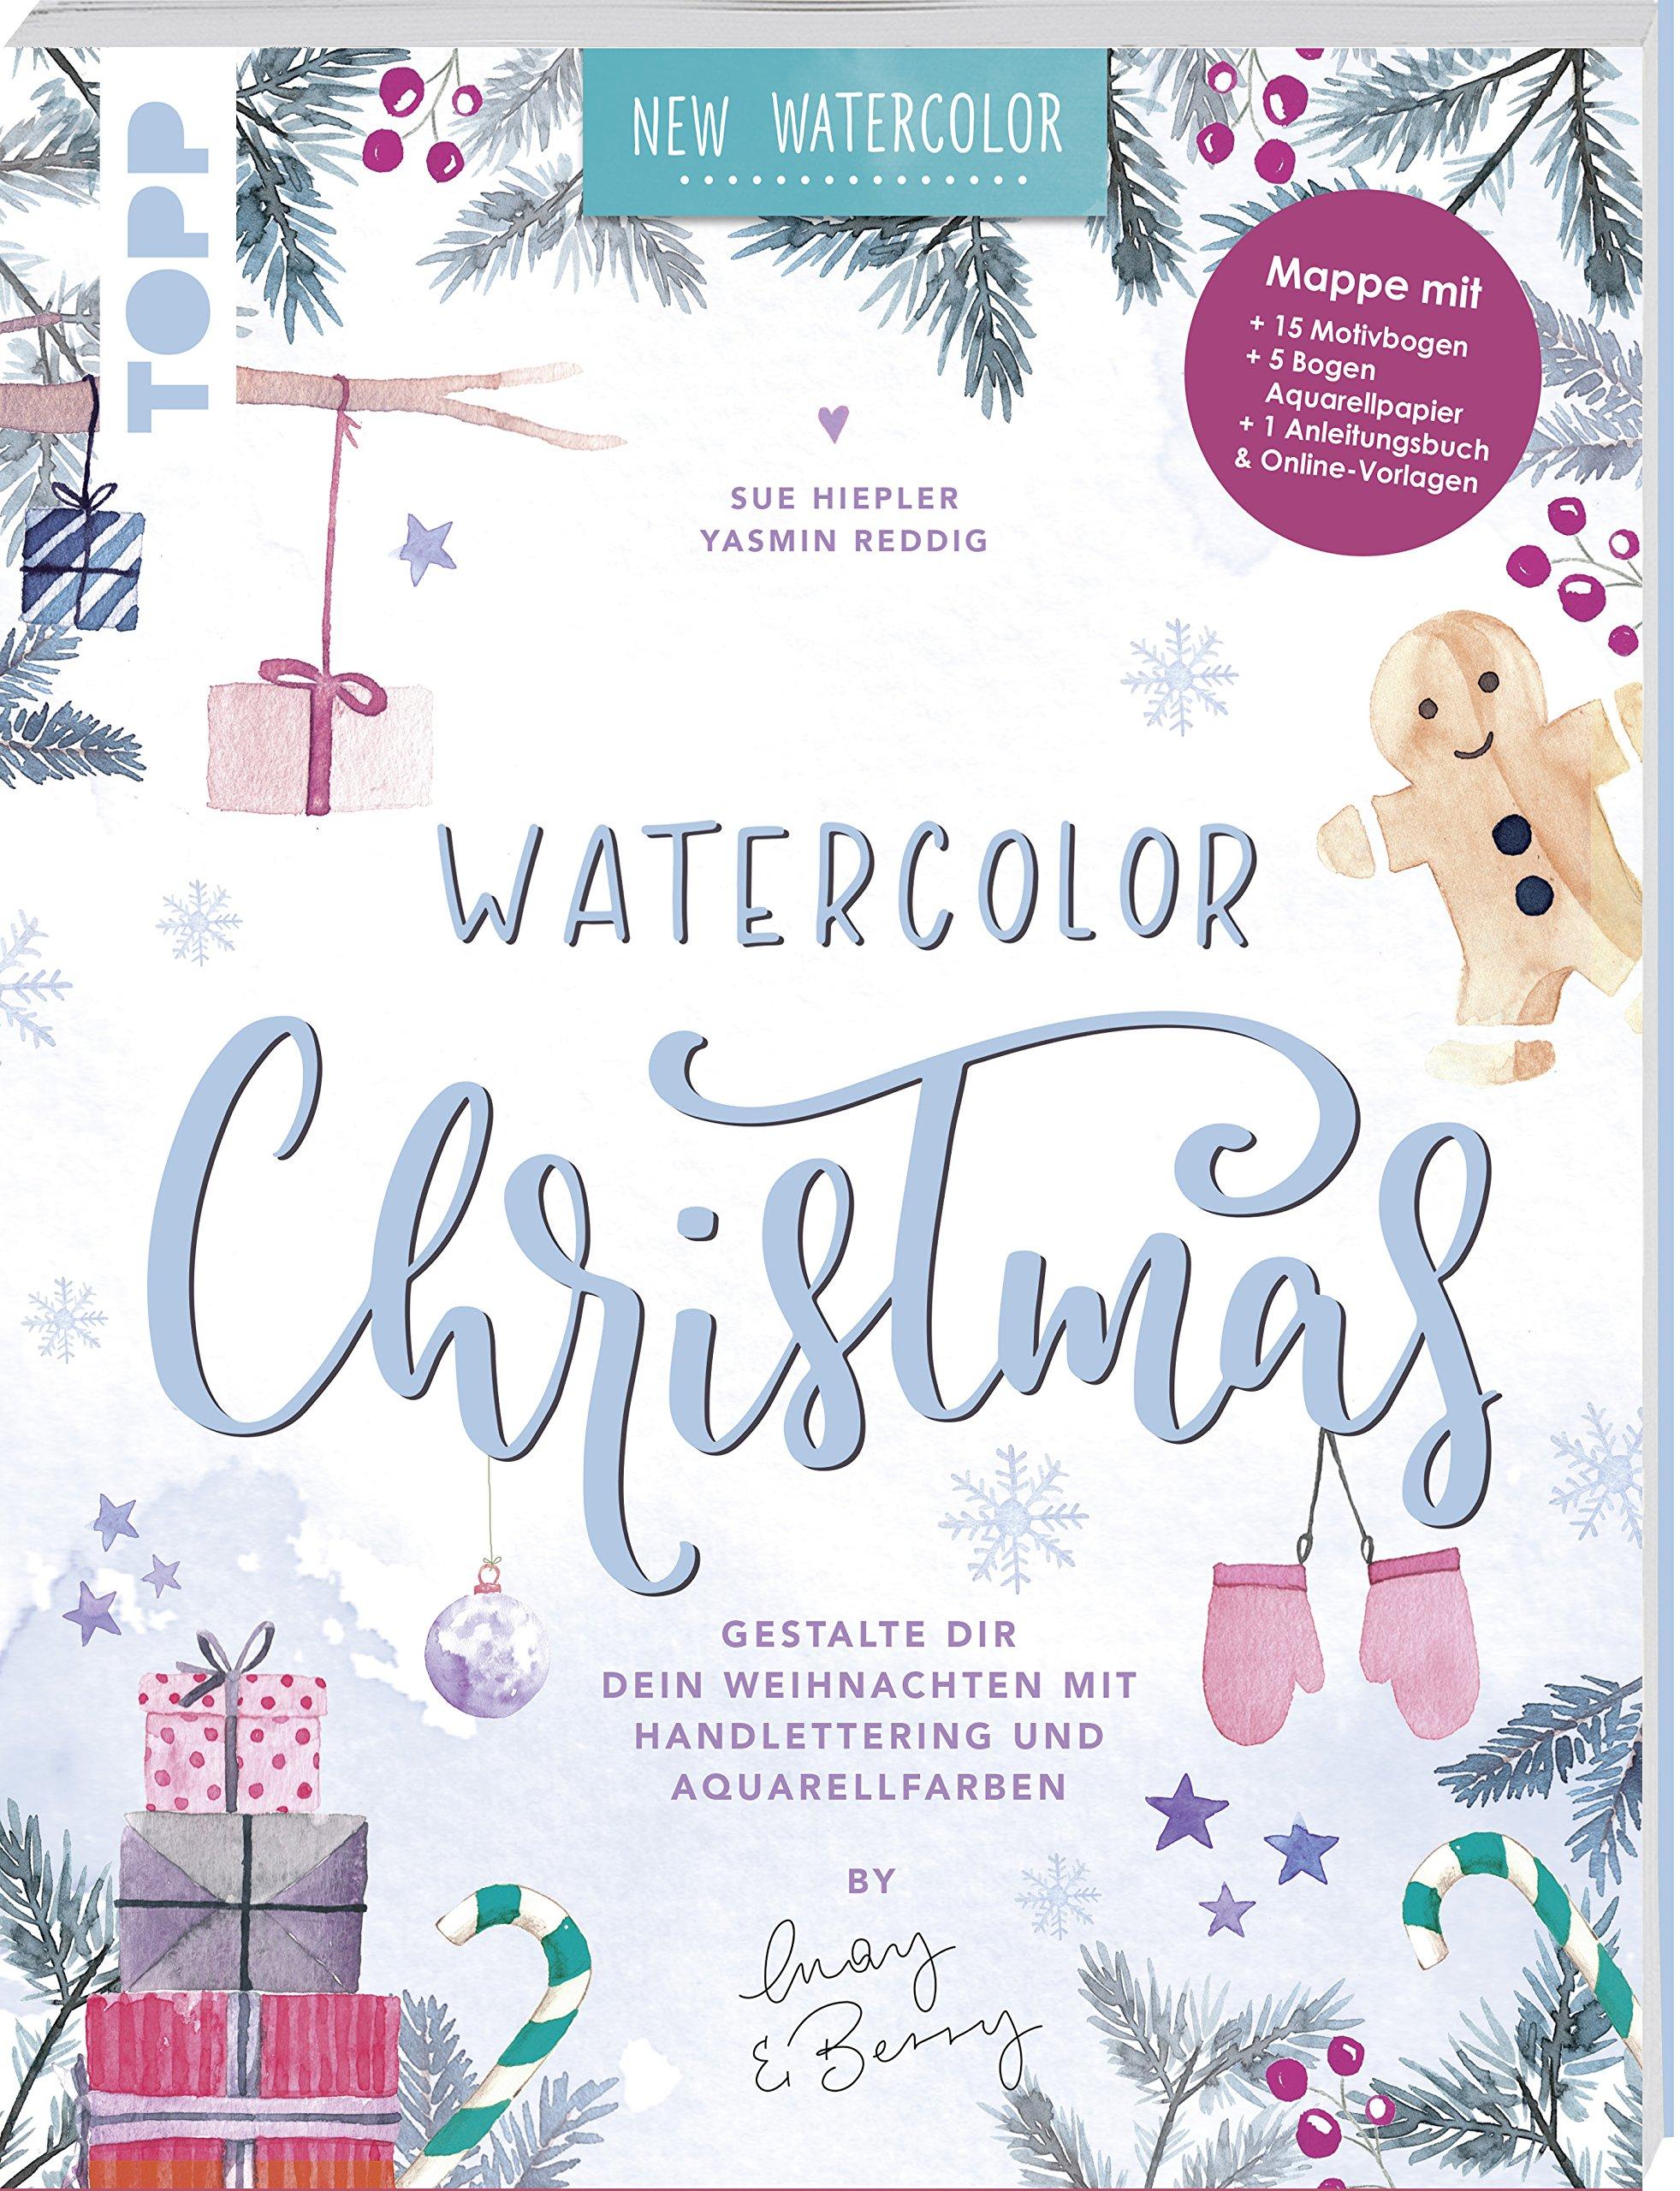 Watercolor Christmas. Gestalte dir dein Weihnachten mit Handlettering und Aquarellfarben by May and Berry: Mappe mit 32 Seiten Anleitungsheft, 15 ... zusätzlich als Download zum Ausdrucken.